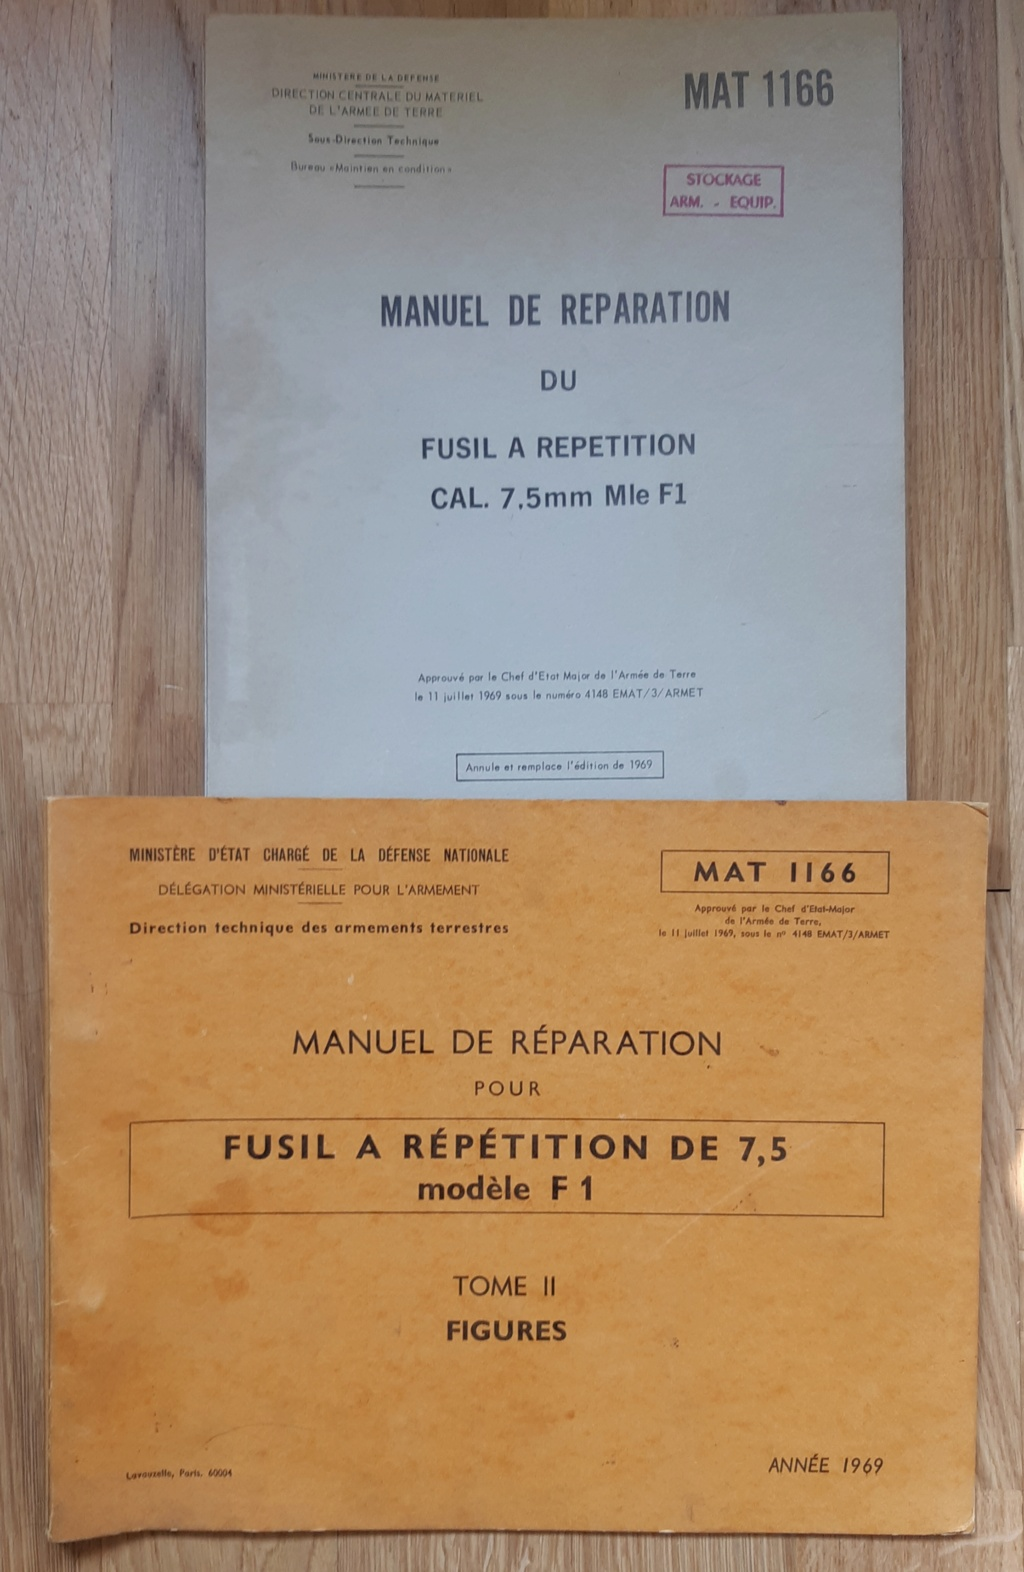 manuel de reparation du FRF1 premiere édition 1969 20210814